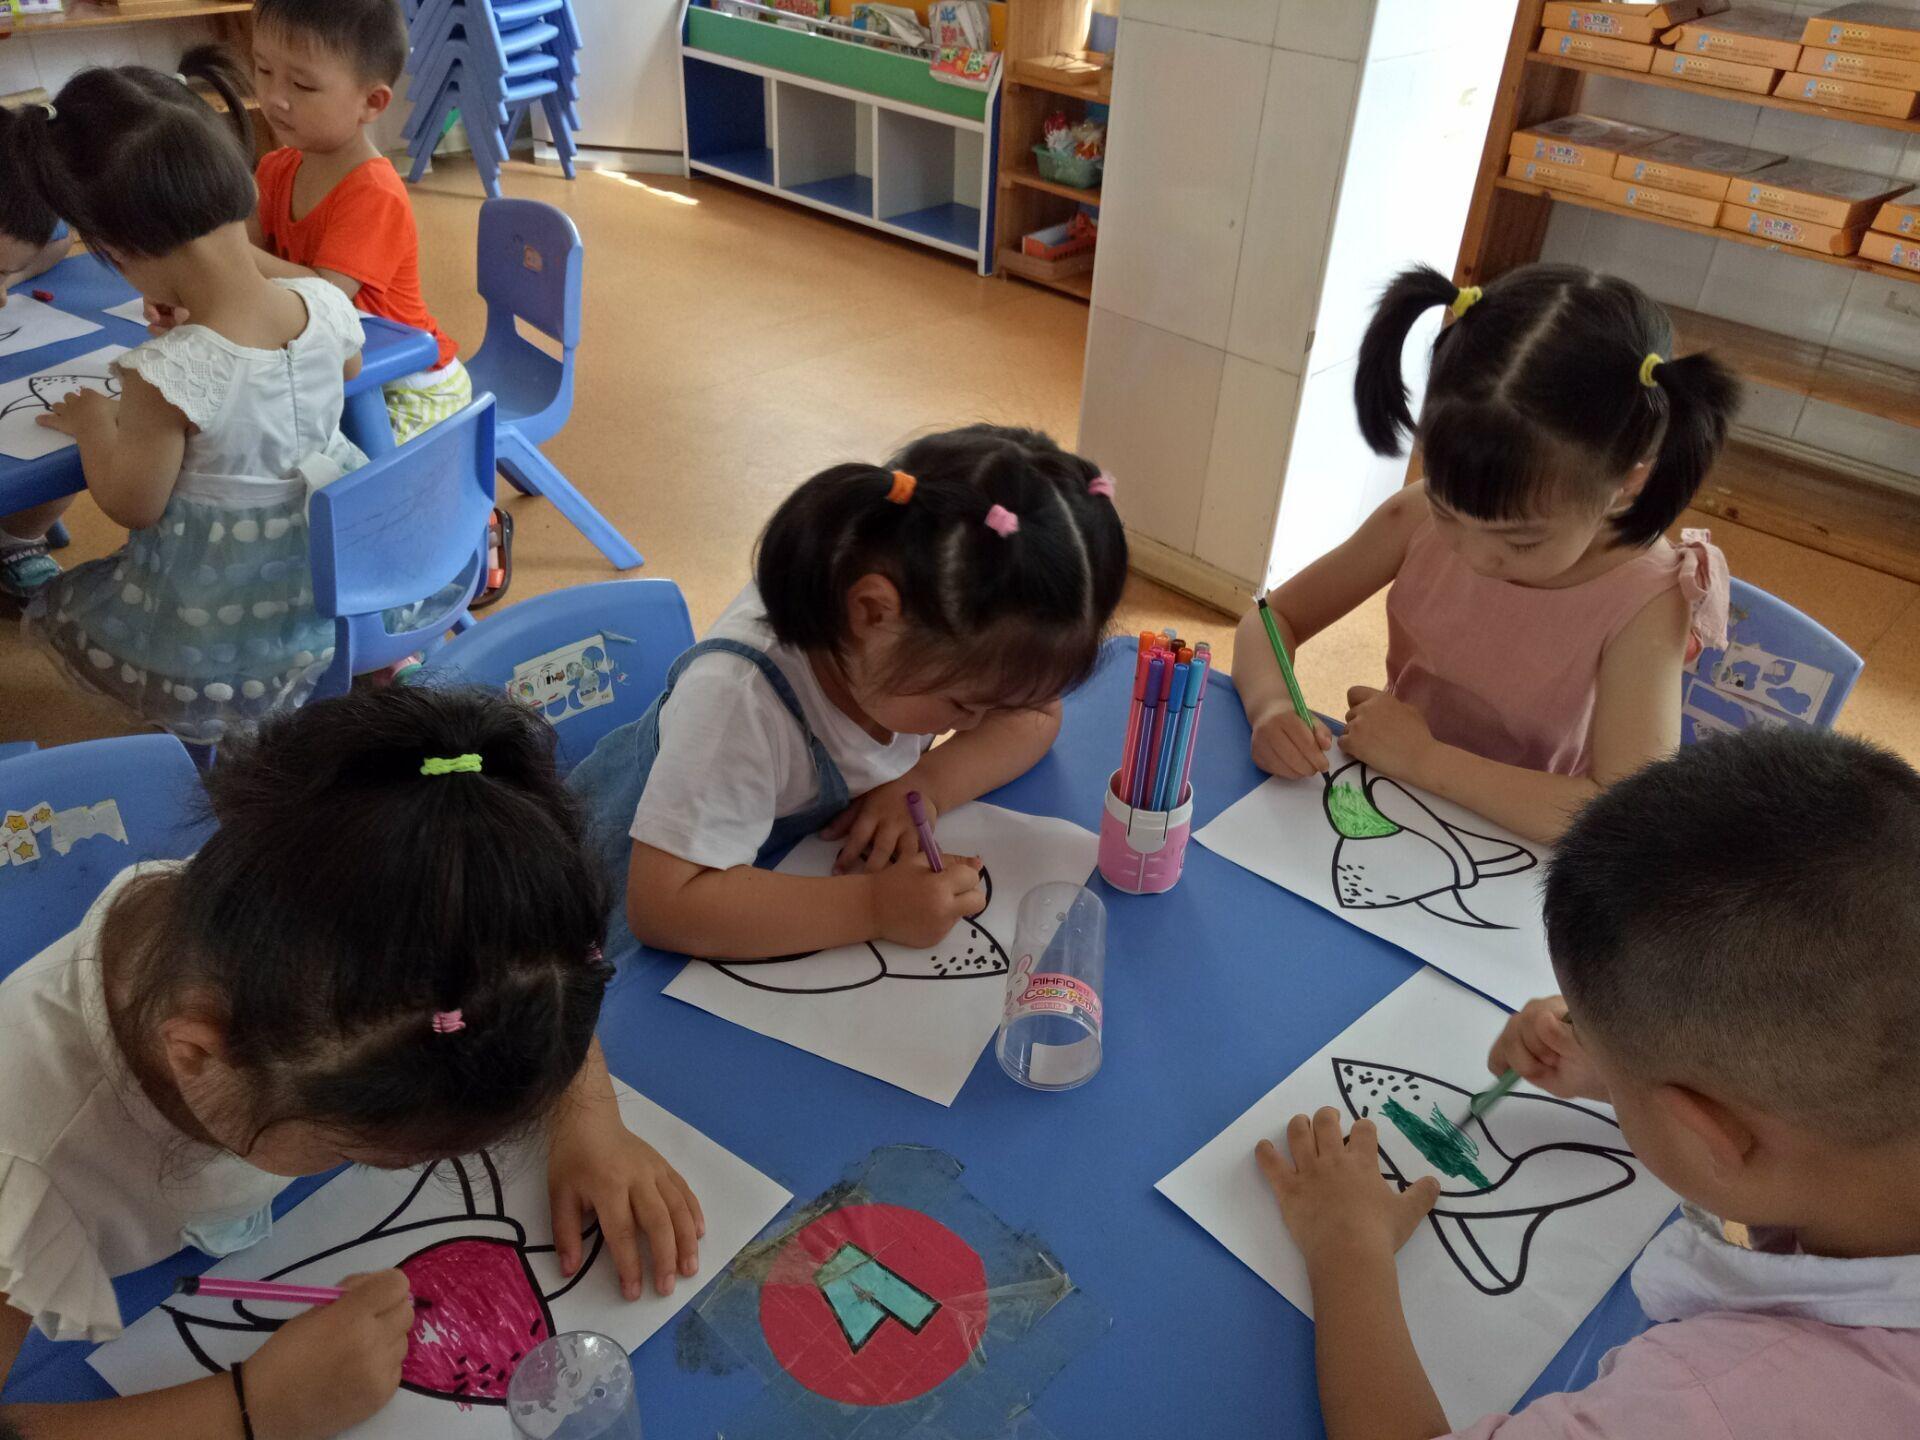 今天下午,孩子们听了《屈原》的故事,初步了解端午节是我国的传统节日,感知了粽子的形状和品种各不相同,并对粽子的形状进行了绘画,绘画结束后,鼓励幼儿与同伴进行交流与合作,培养幼儿的创新意识 !